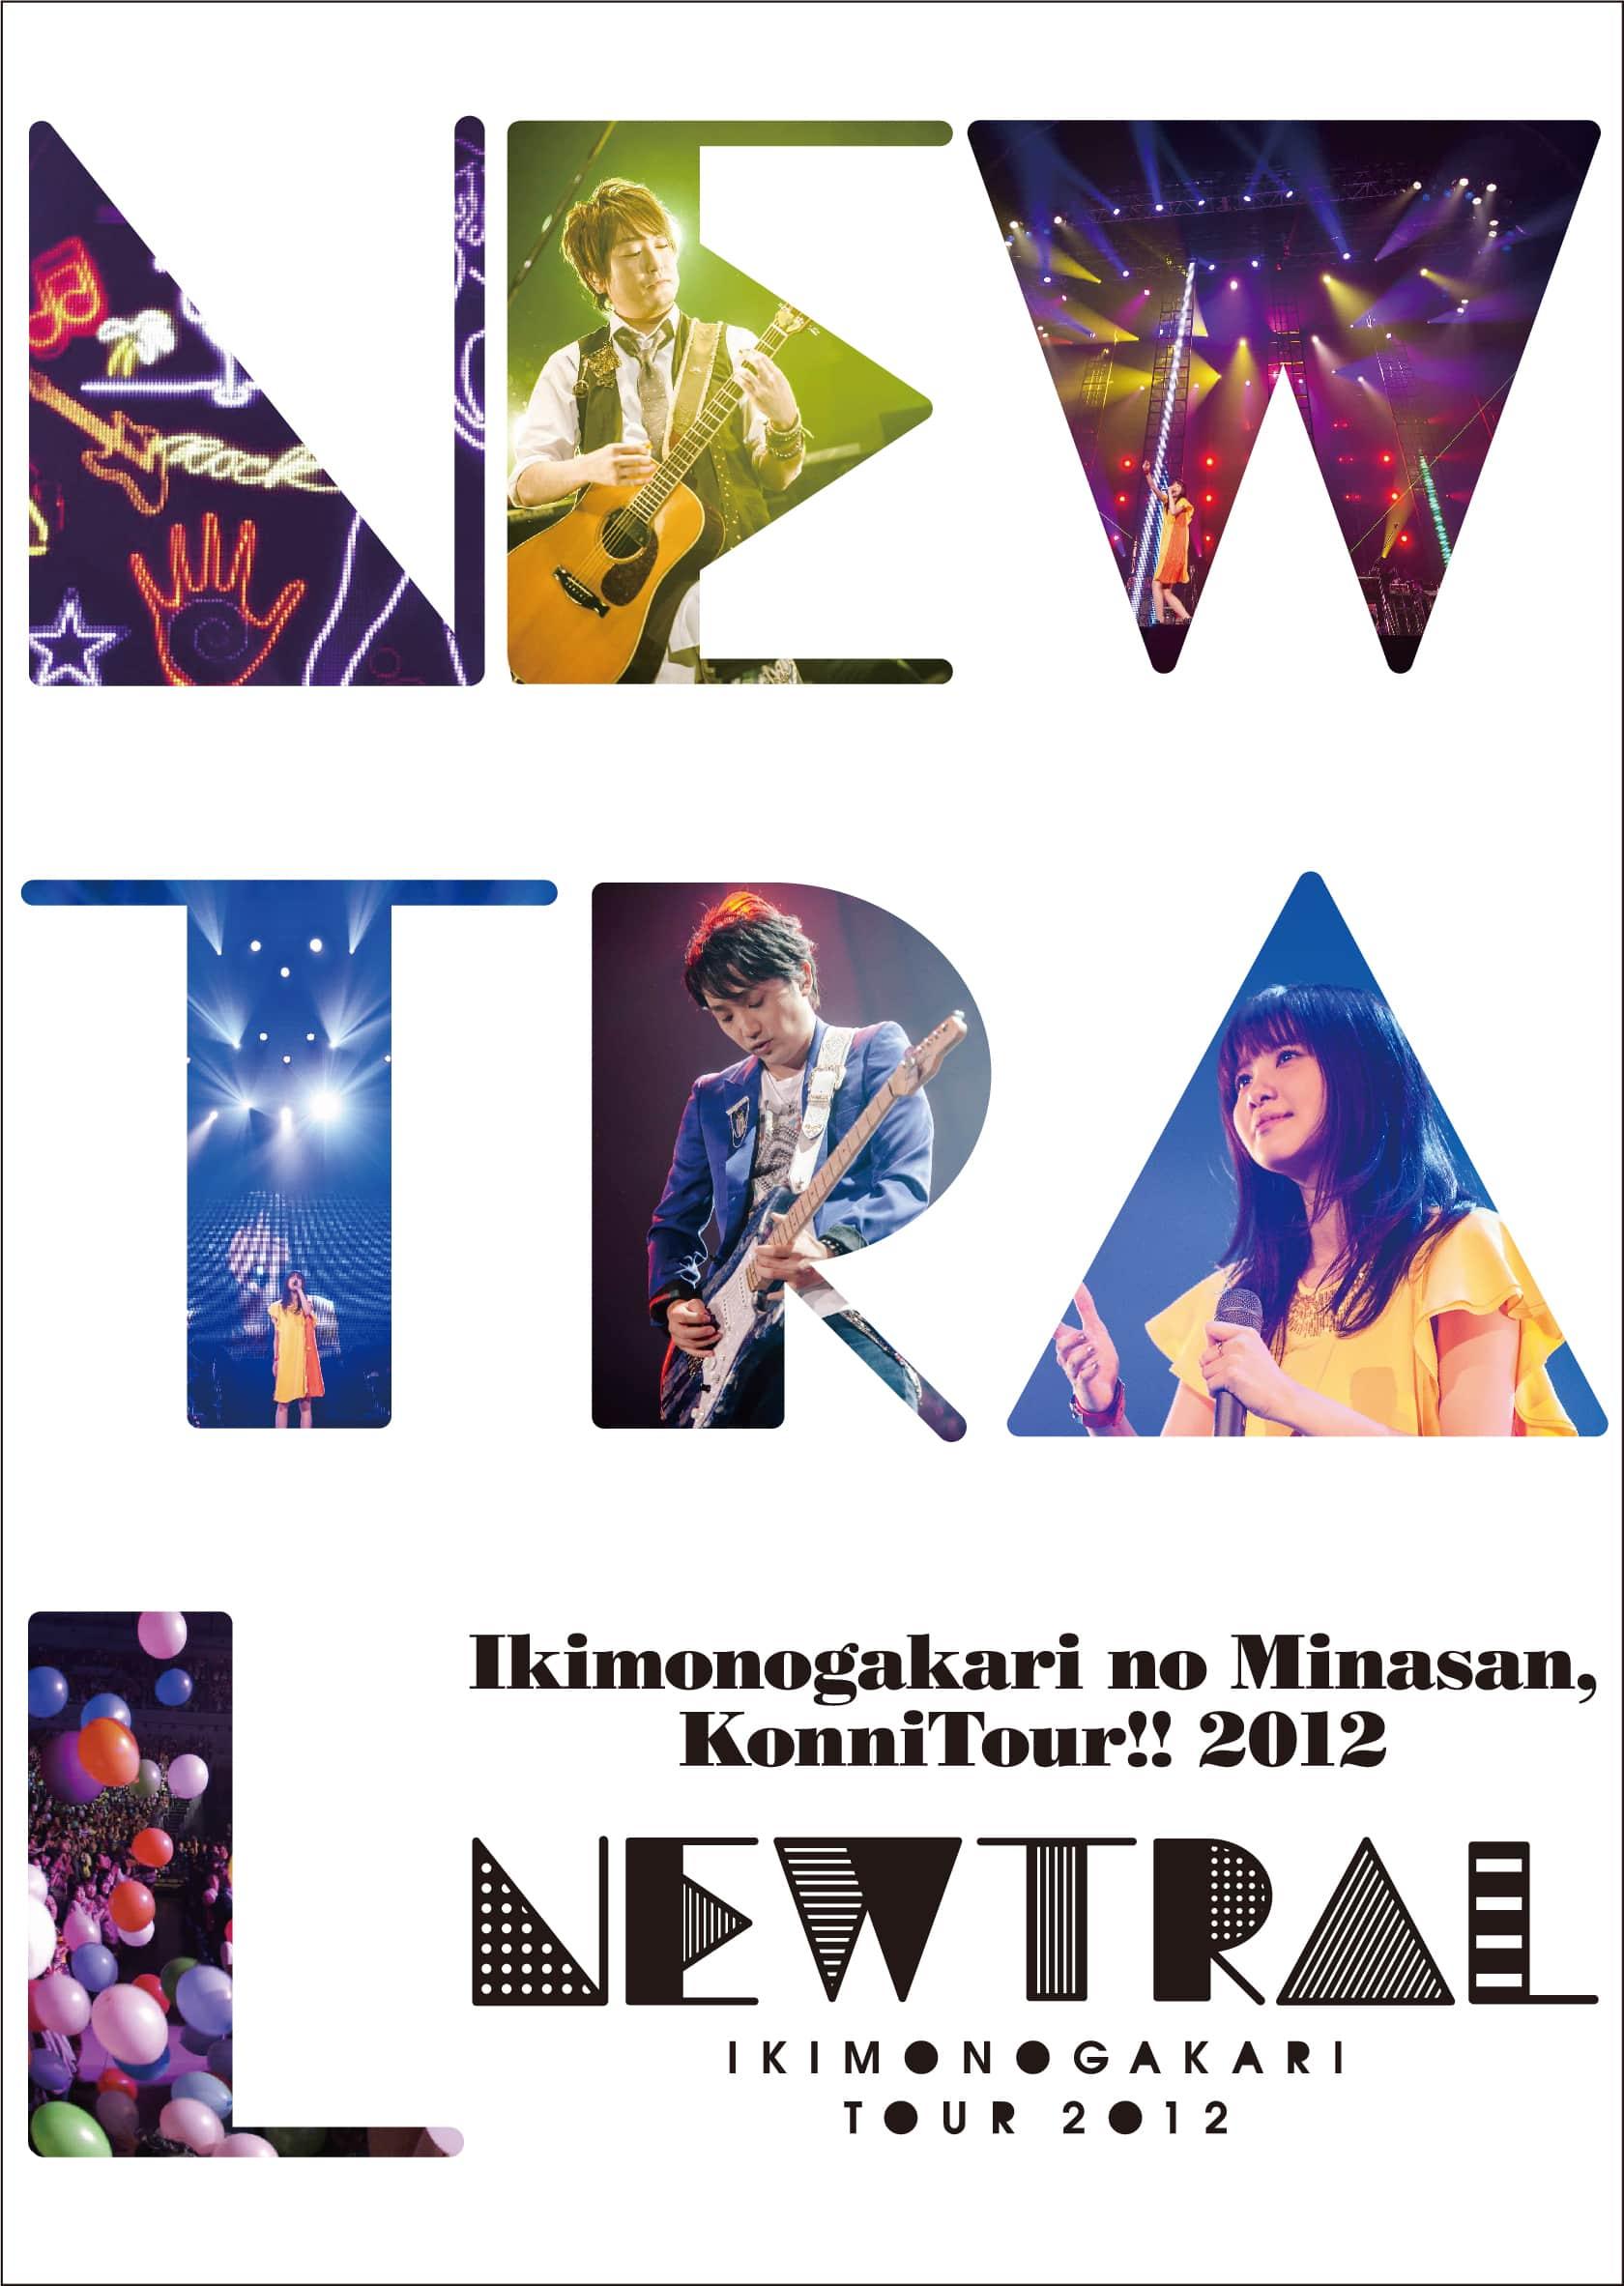 ラフ_new_new_new